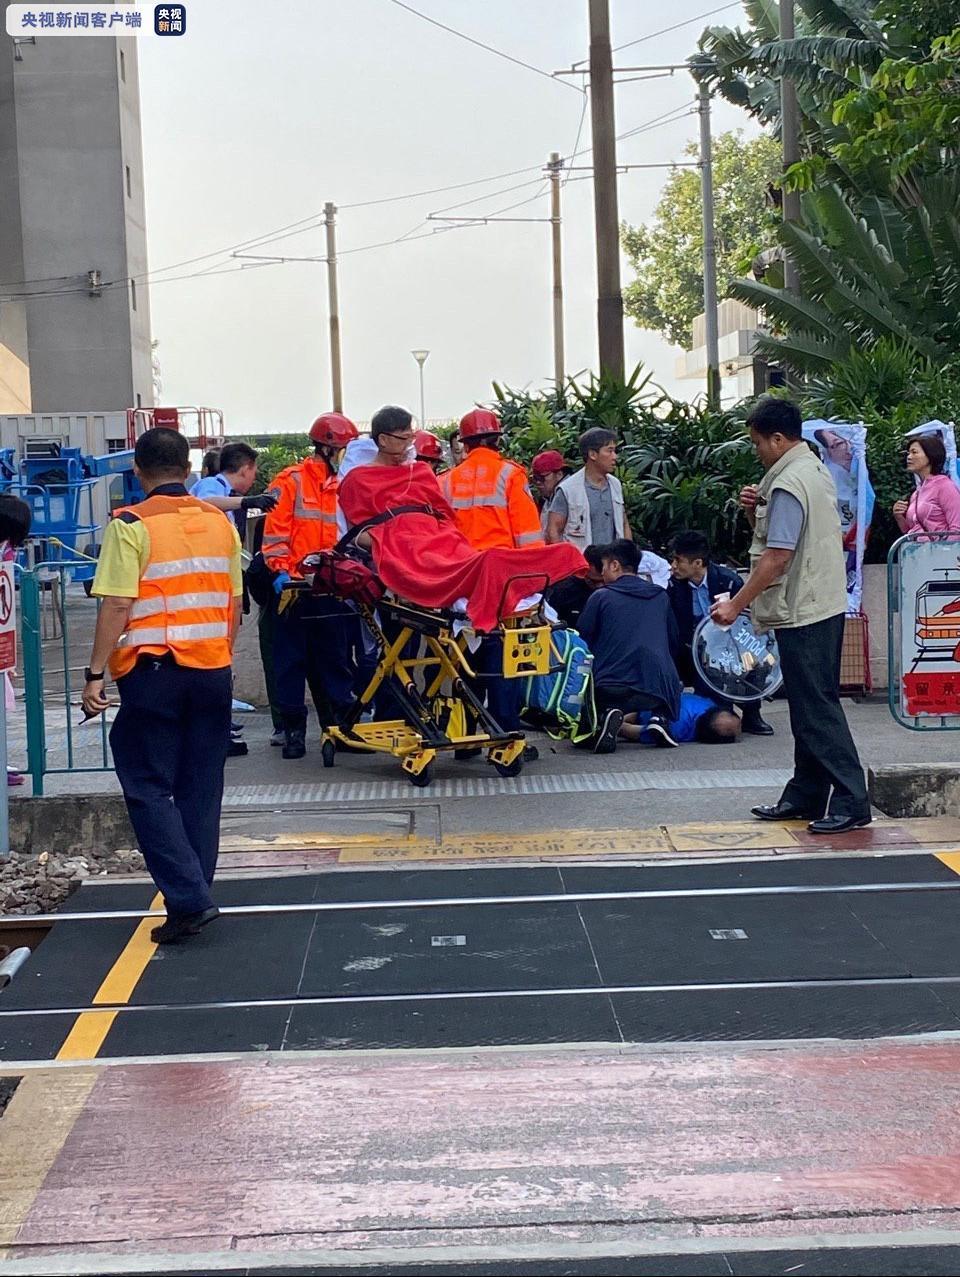 香港立法会议员何君尧遇袭受伤 警方拘捕一涉案者